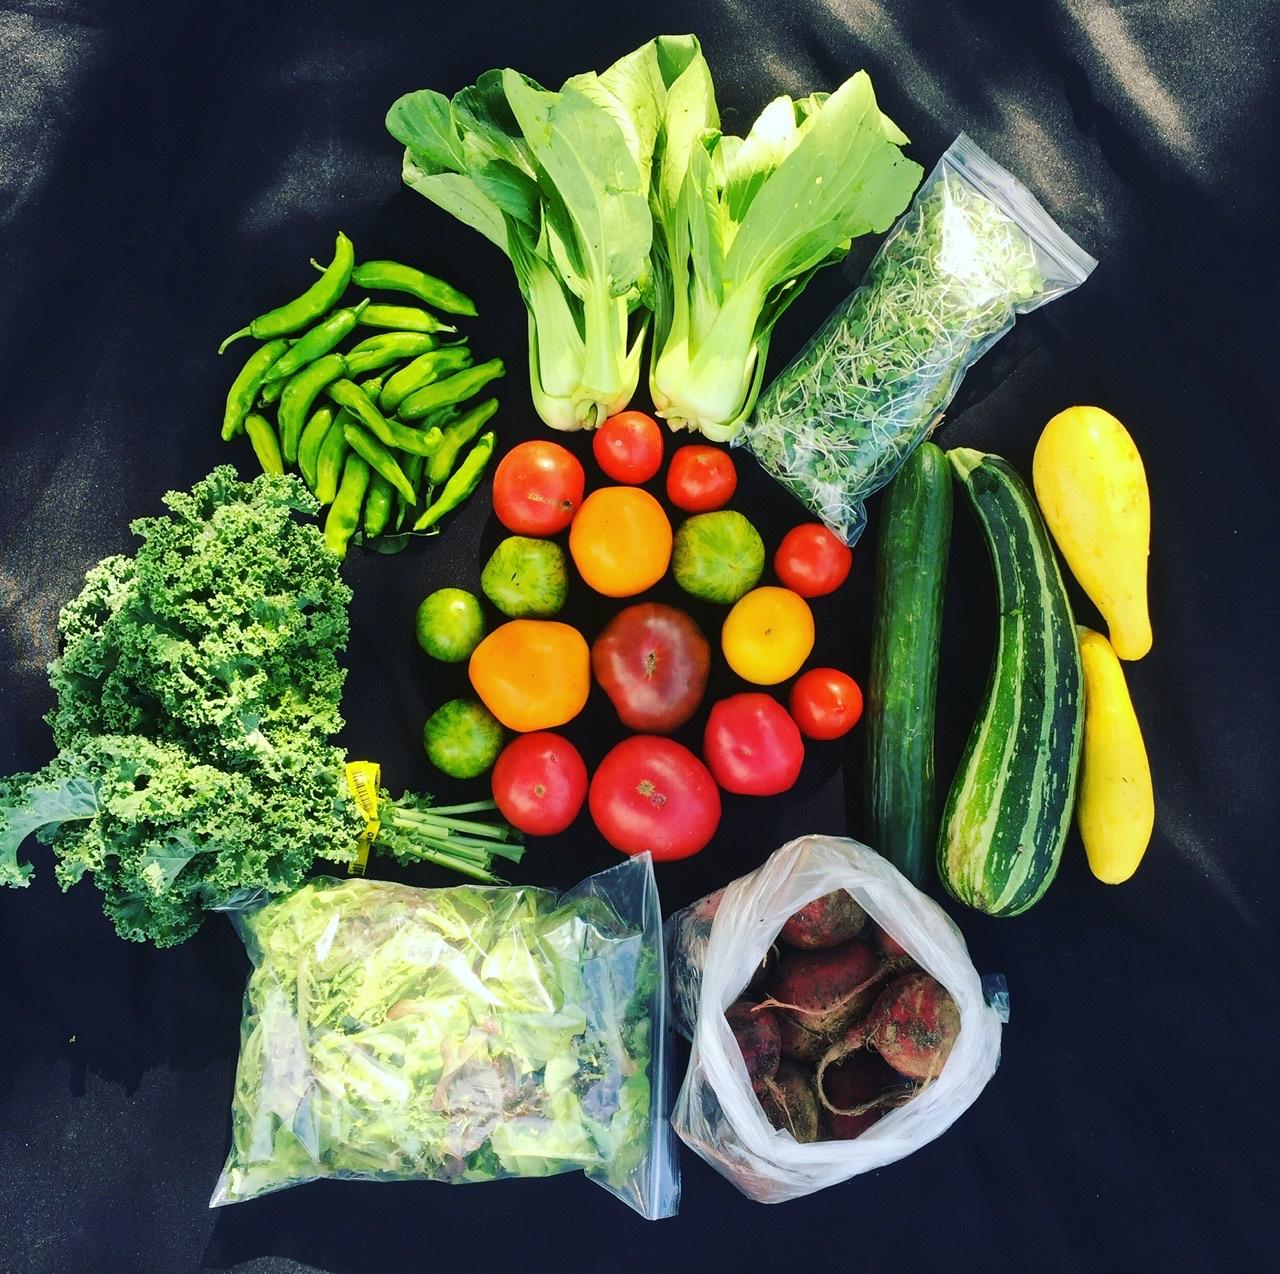 Veggie Lover's- Large Share